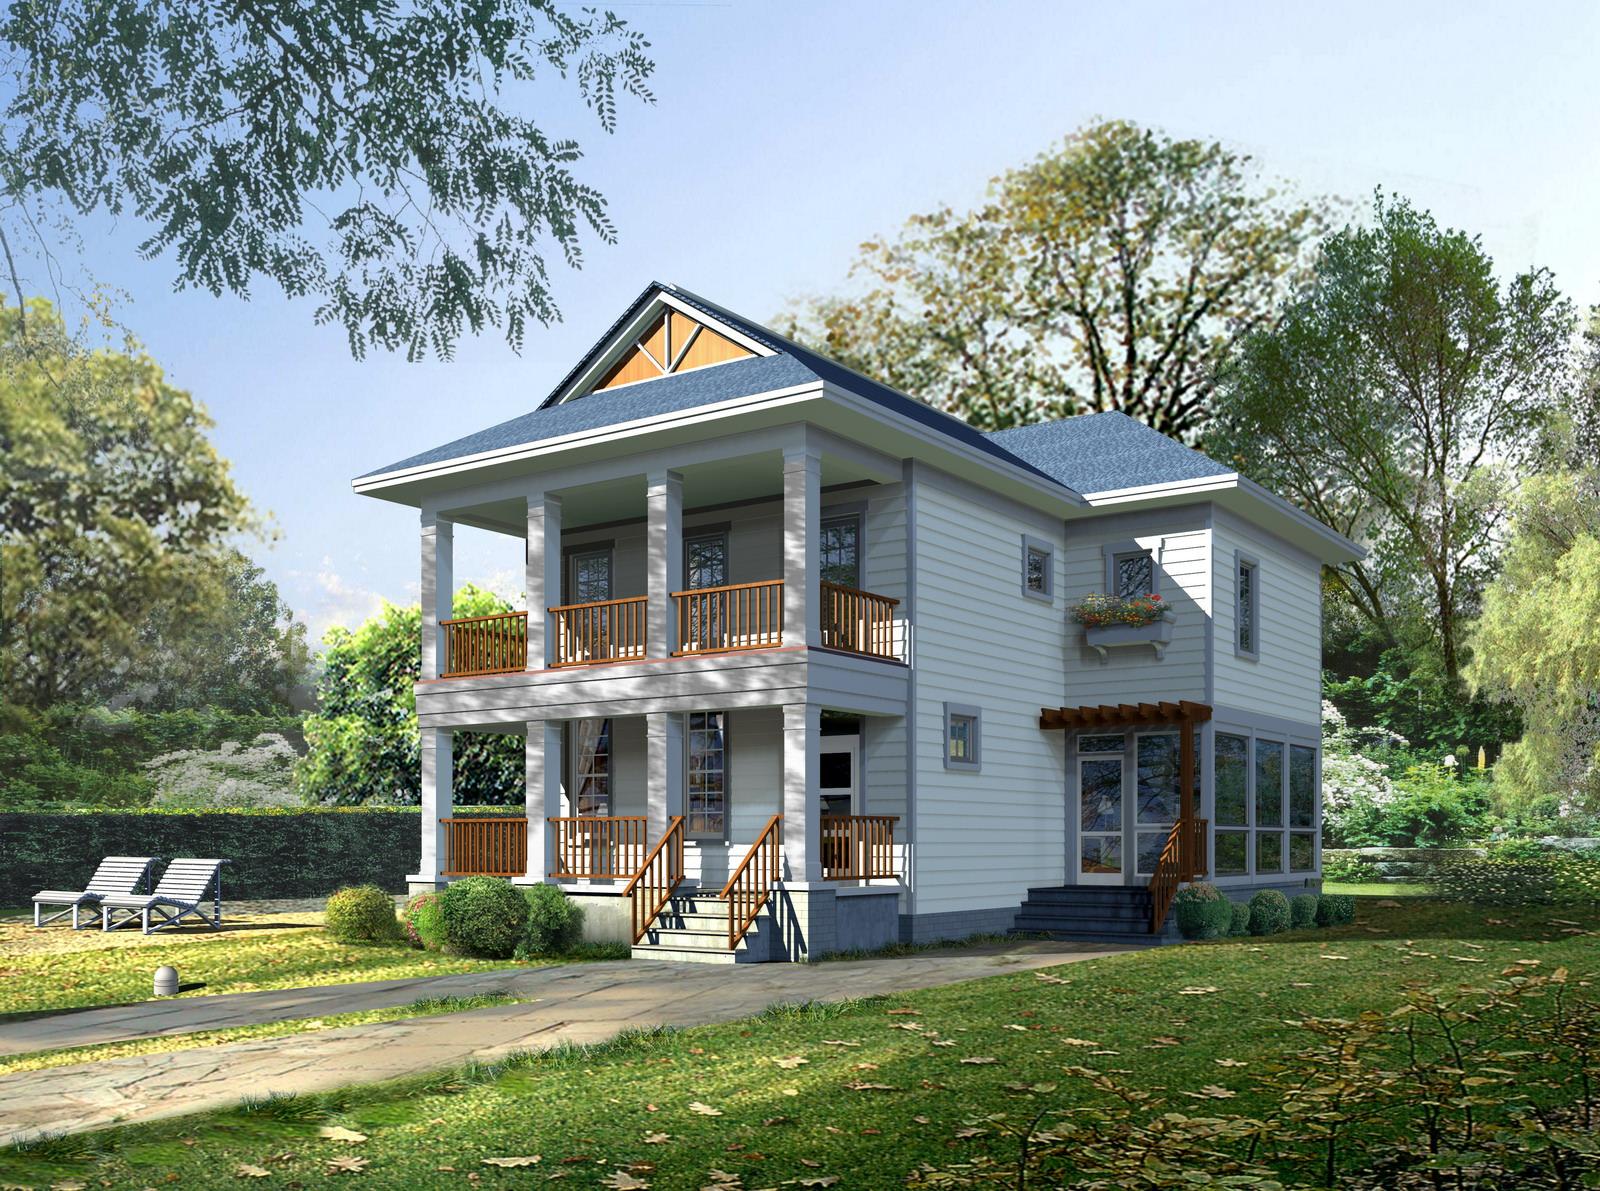 Posh house exterior design 3d model max obj 3ds - 3d max models free download exterior ...